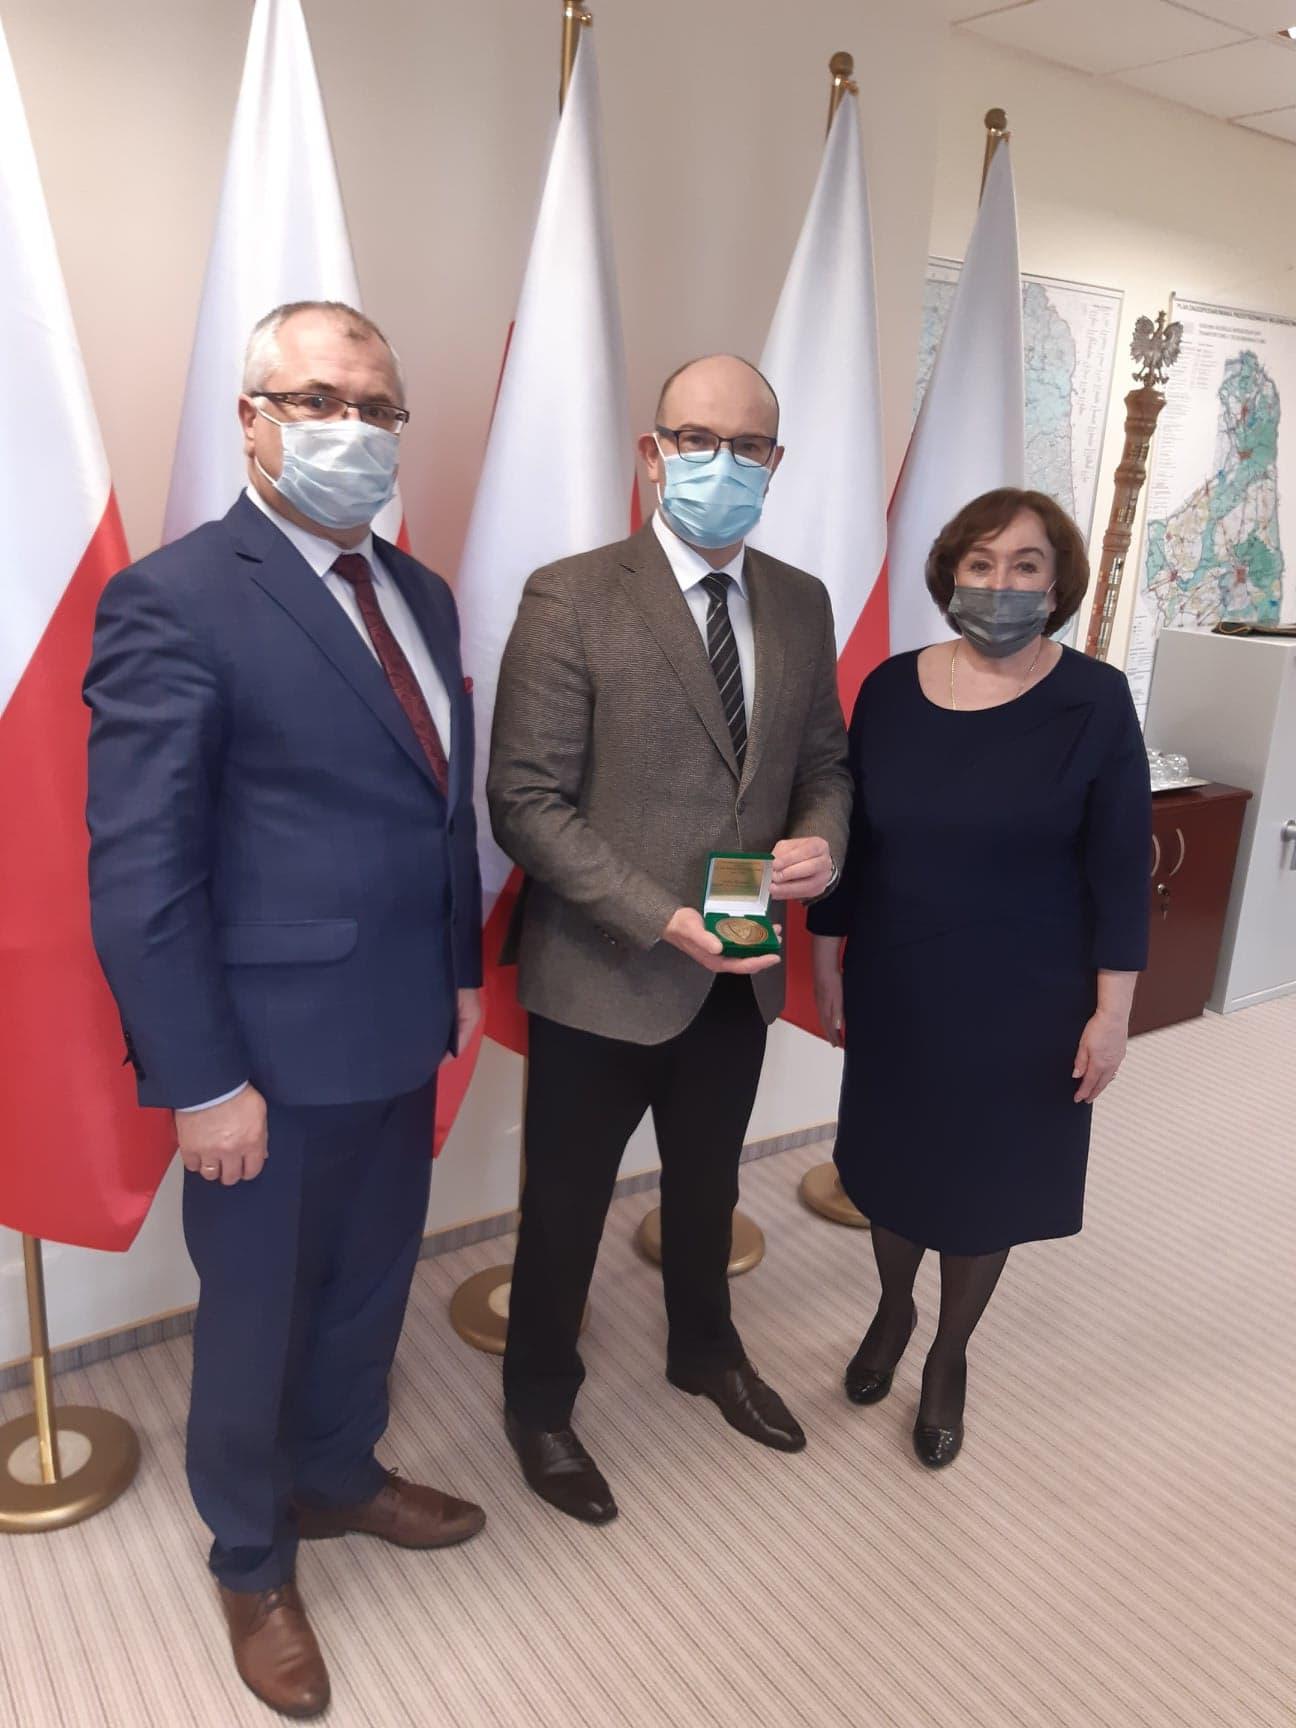 wizyta-u-Marszałka-02.03.2021